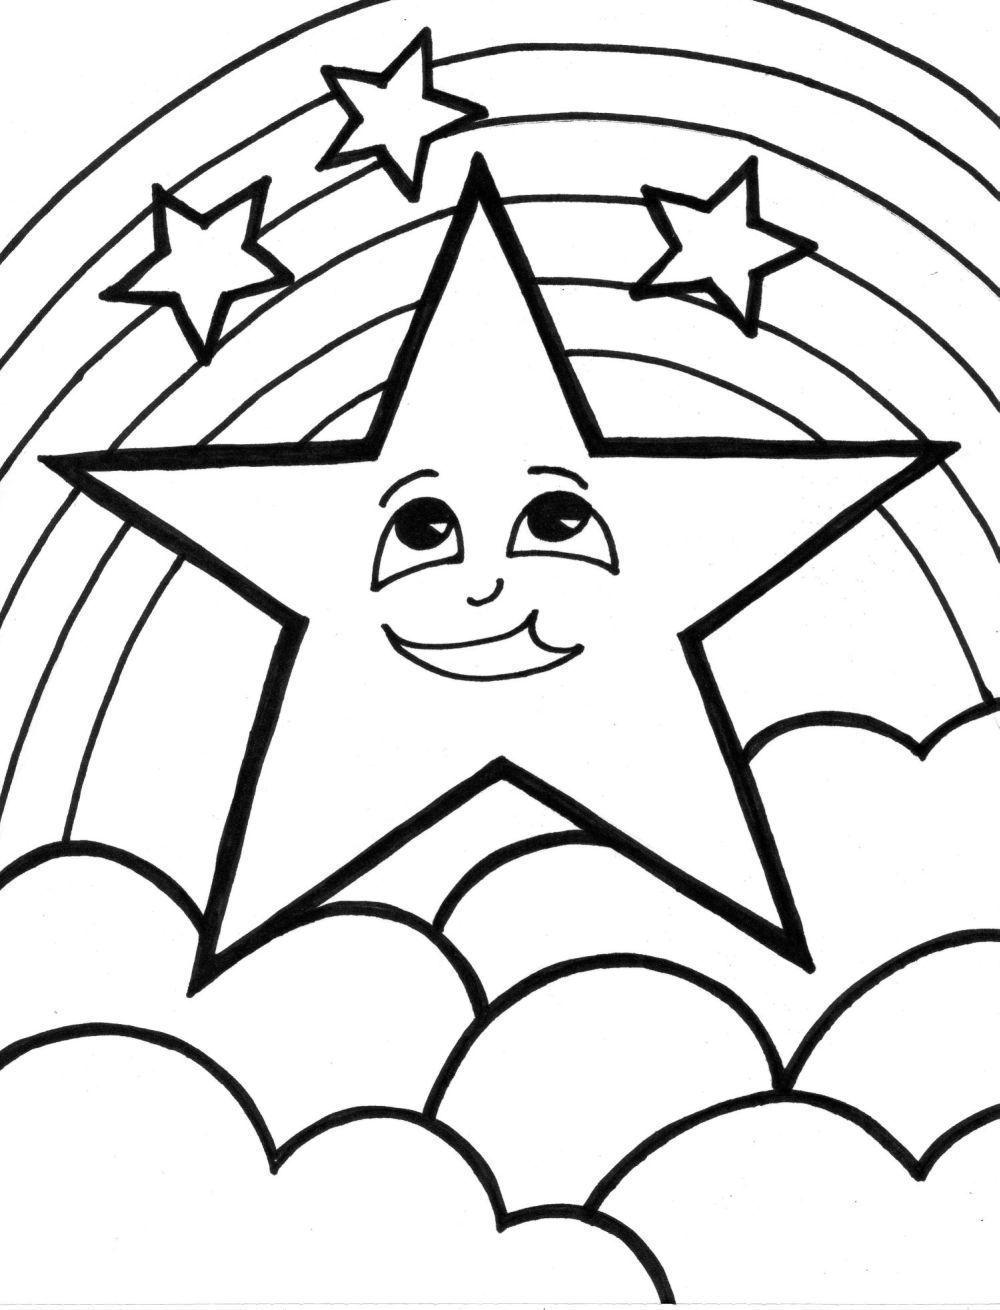 Estrela e arco íris